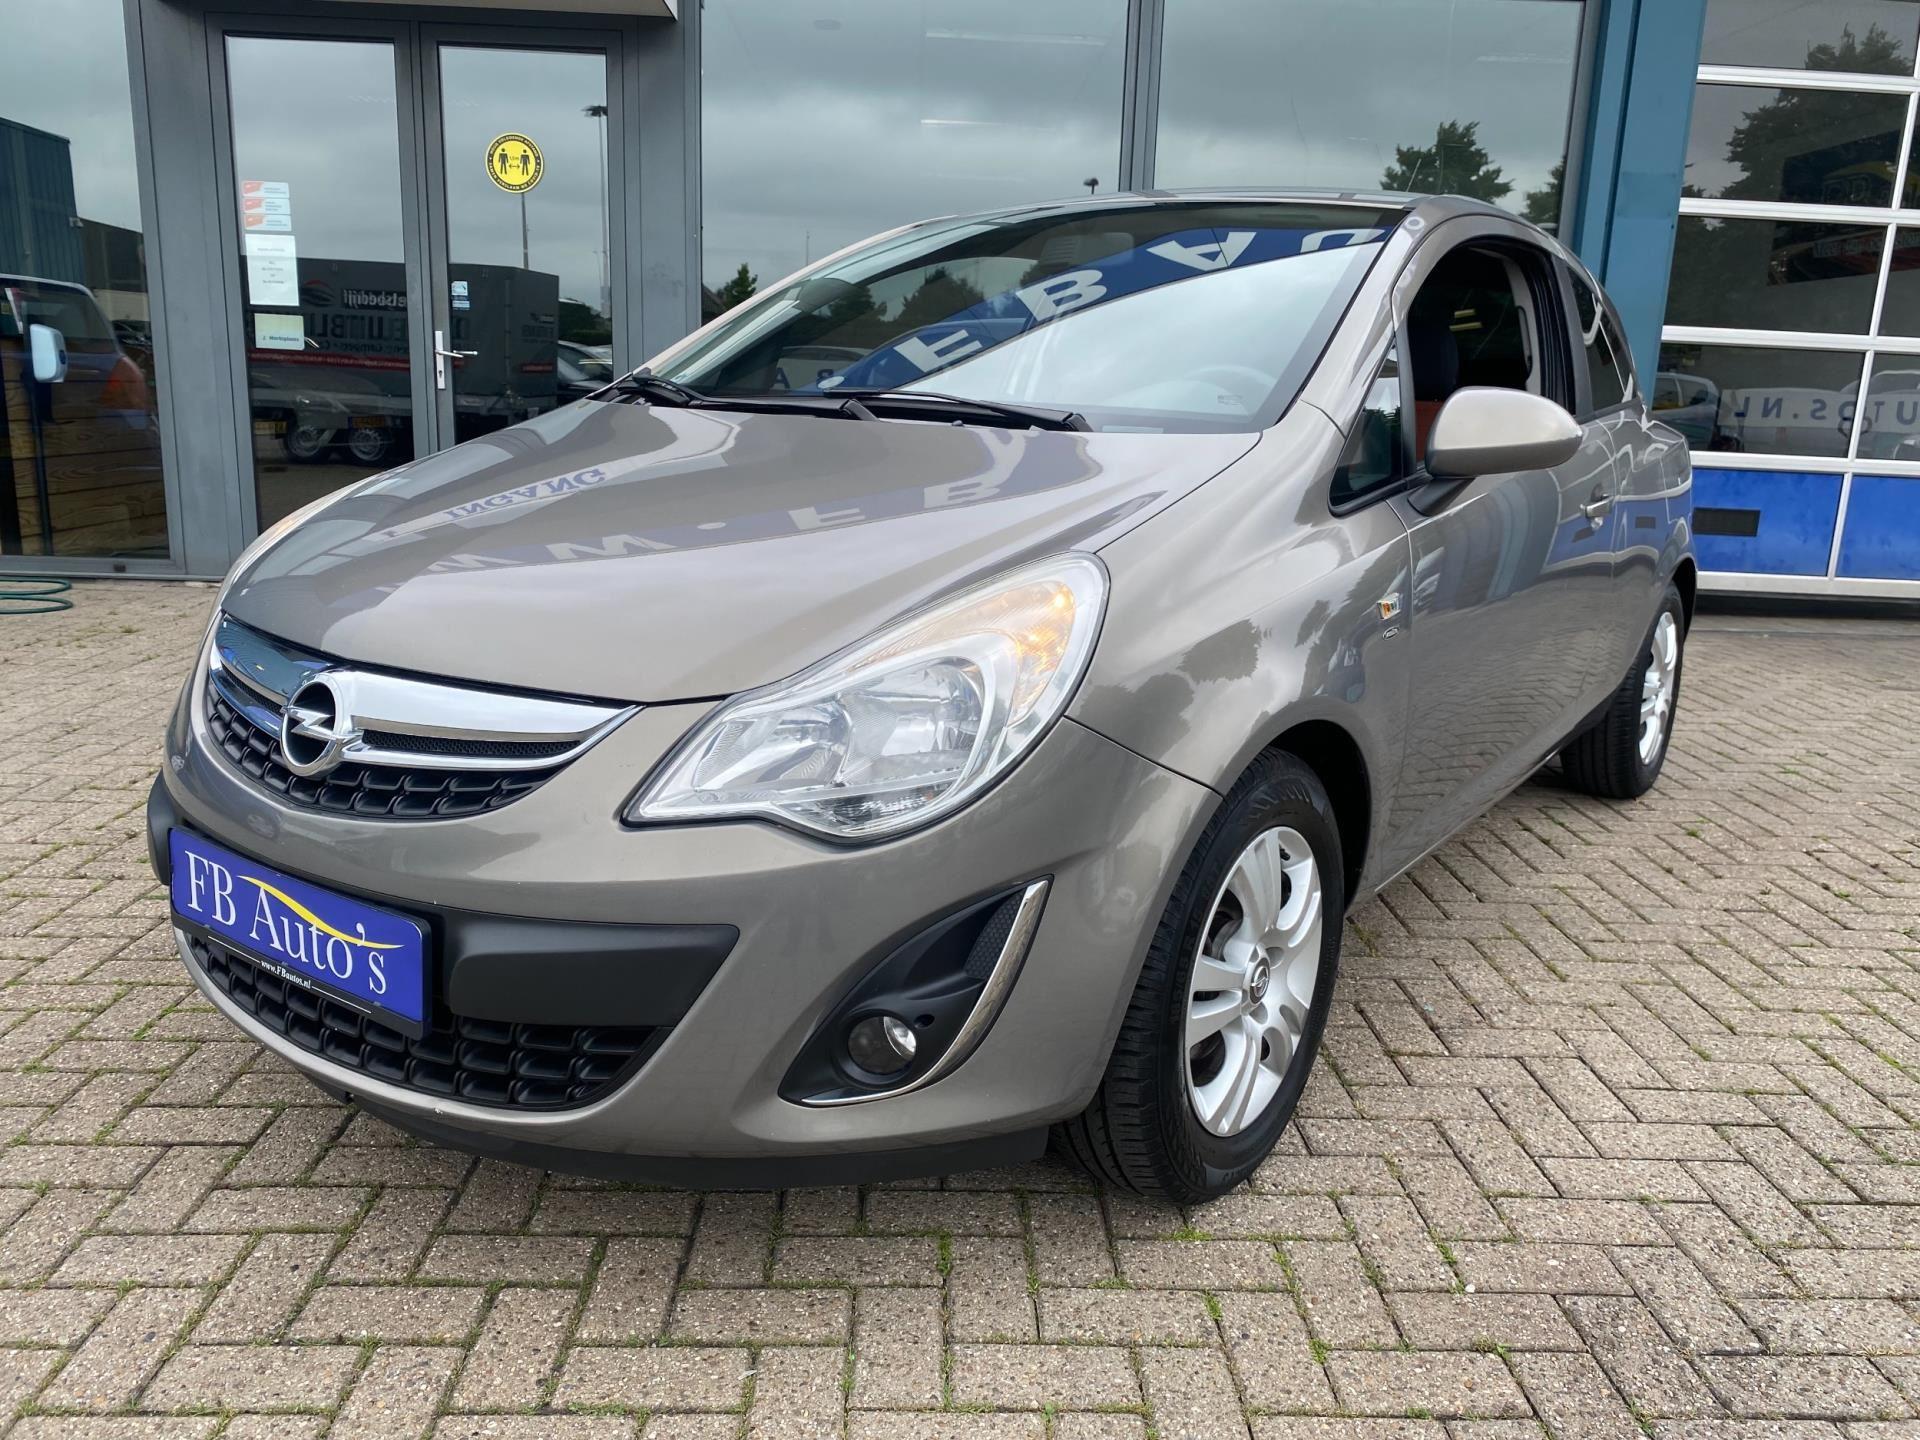 Opel Corsa occasion - FB Auto's